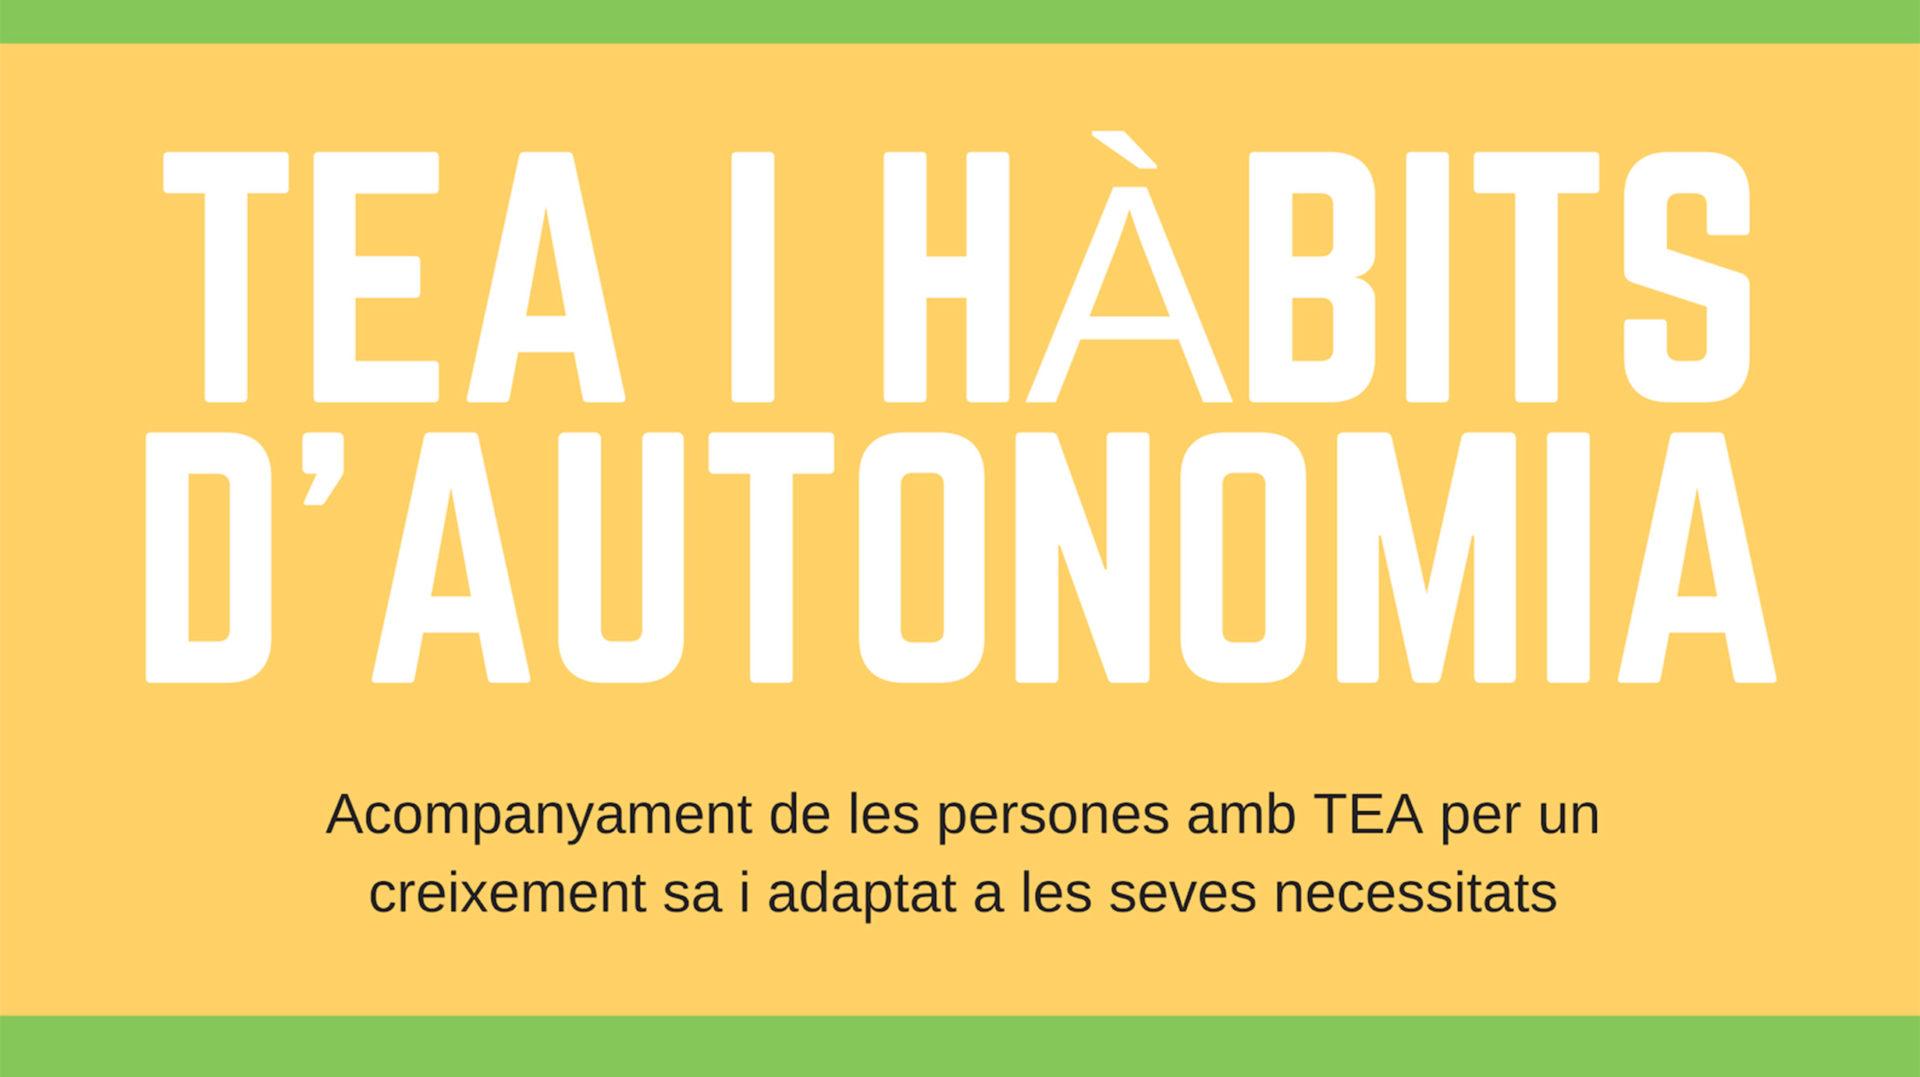 Tea i hàbits d'autonomia